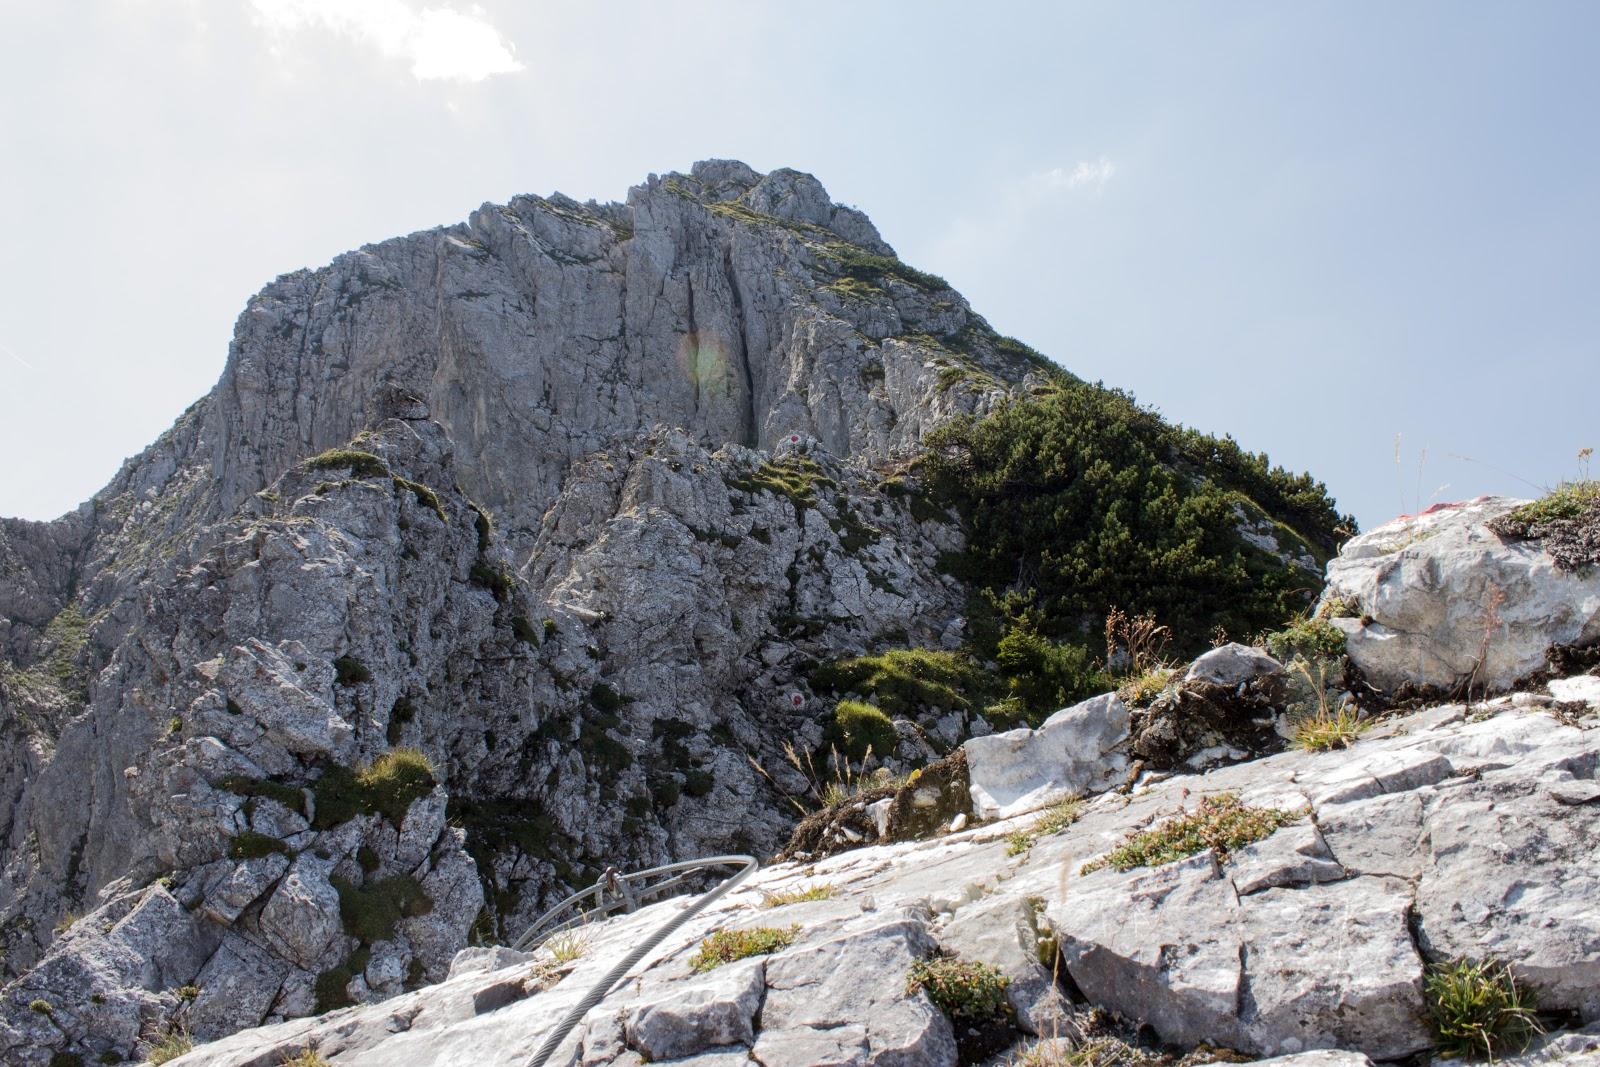 Von der Ardningeralmhütte über den Wildfrauensteig auf Frauenmauer, Bosruck und Kitzstein. - am Klettersteig zum Bosruck.